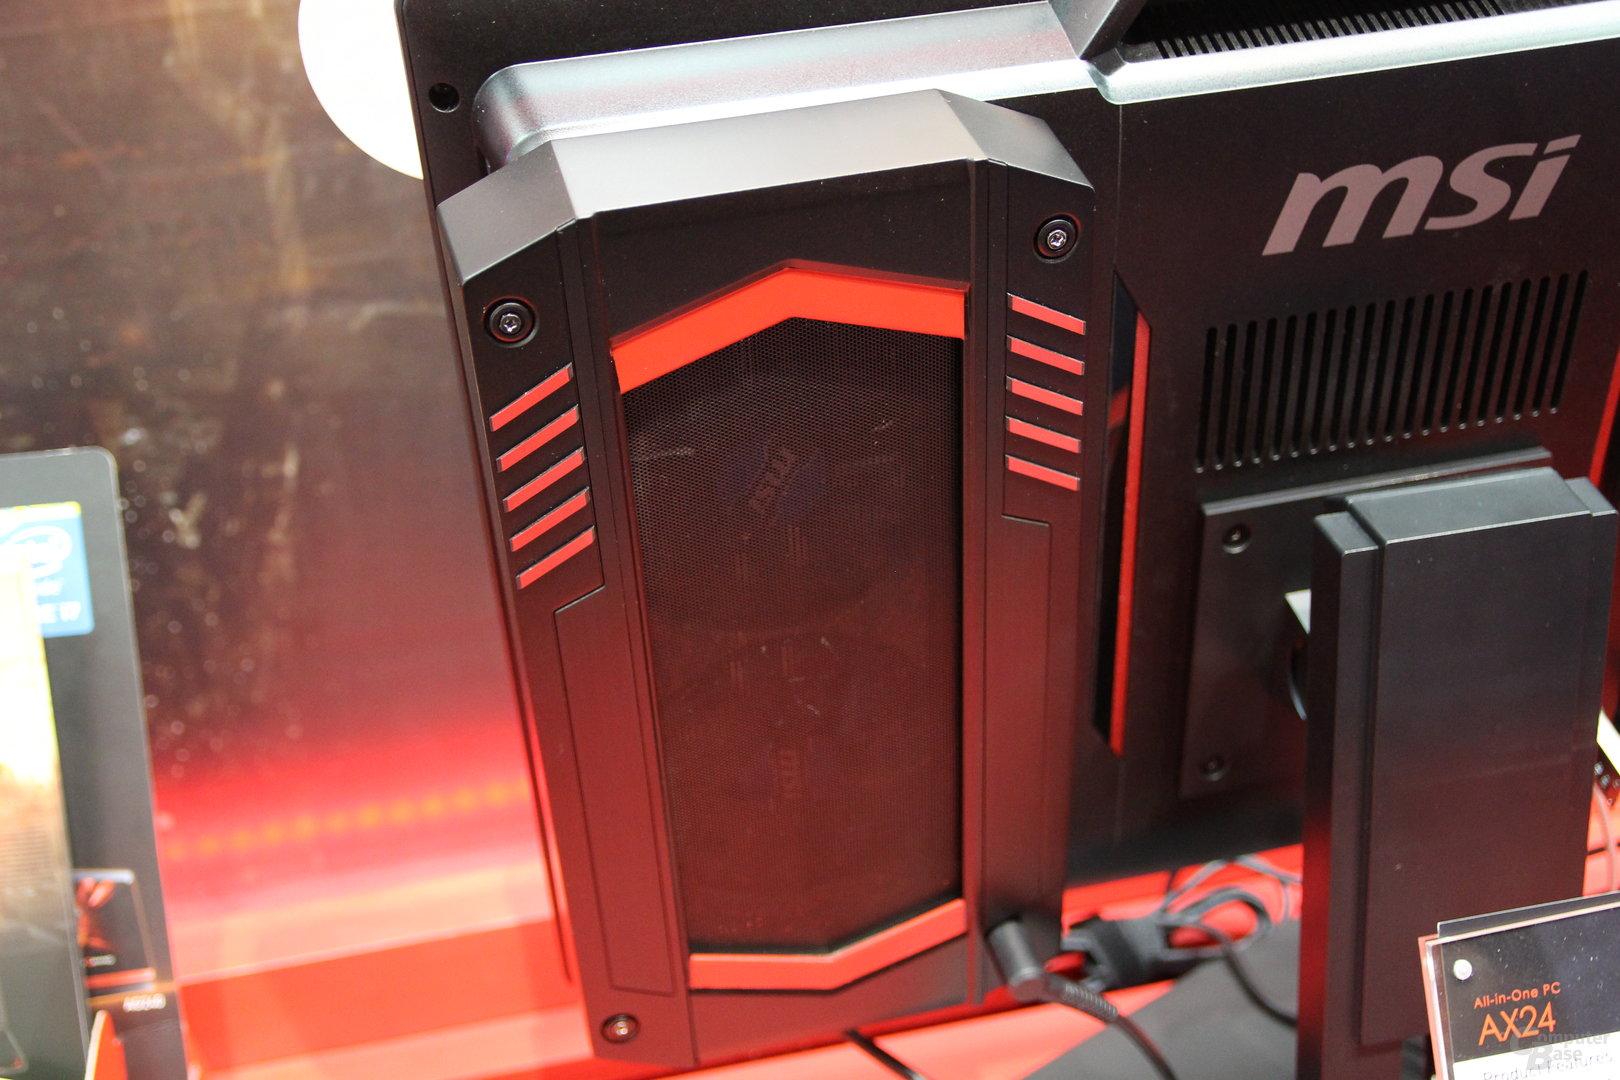 MSI AX24 AiO-PC